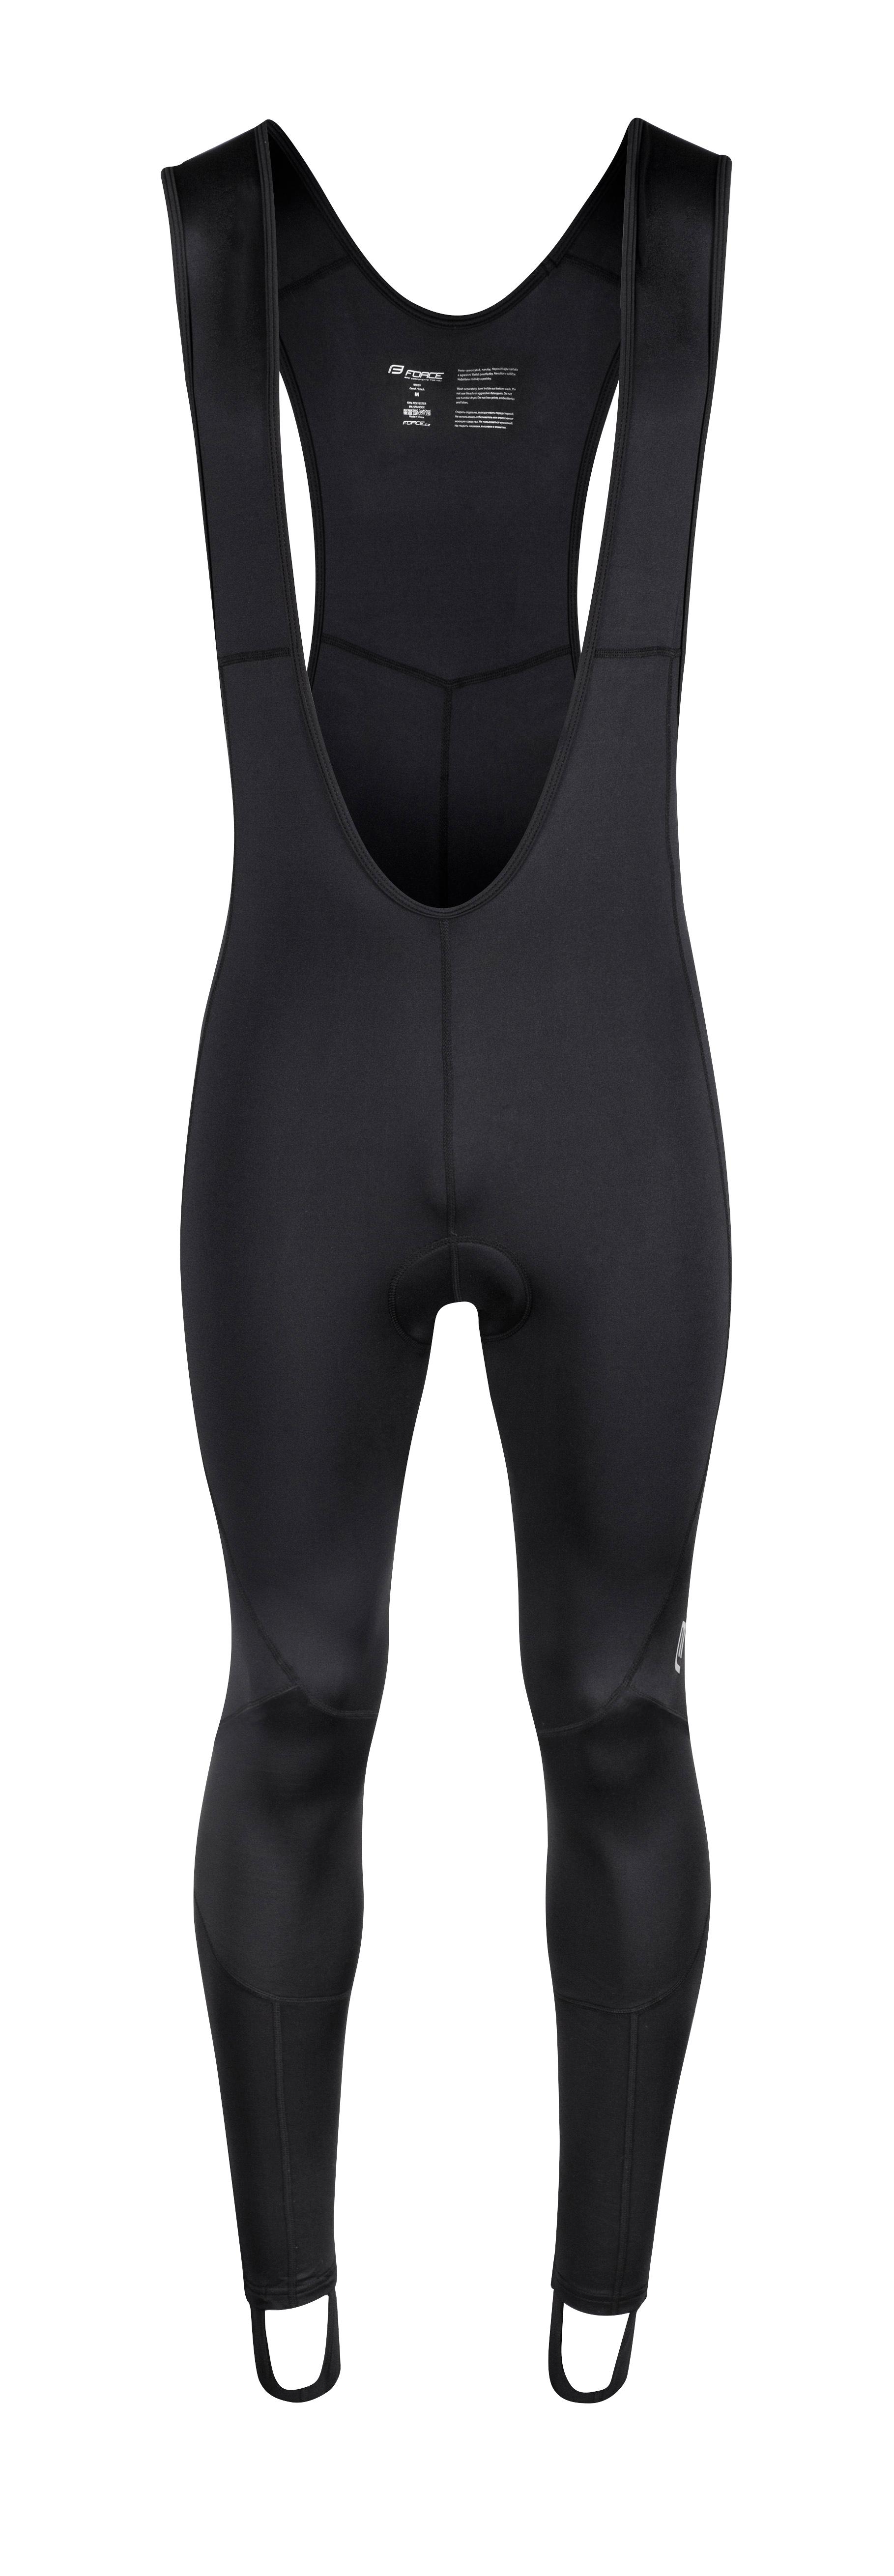 kalhoty FORCE Z68 se šráky a vložkou, černé XXL